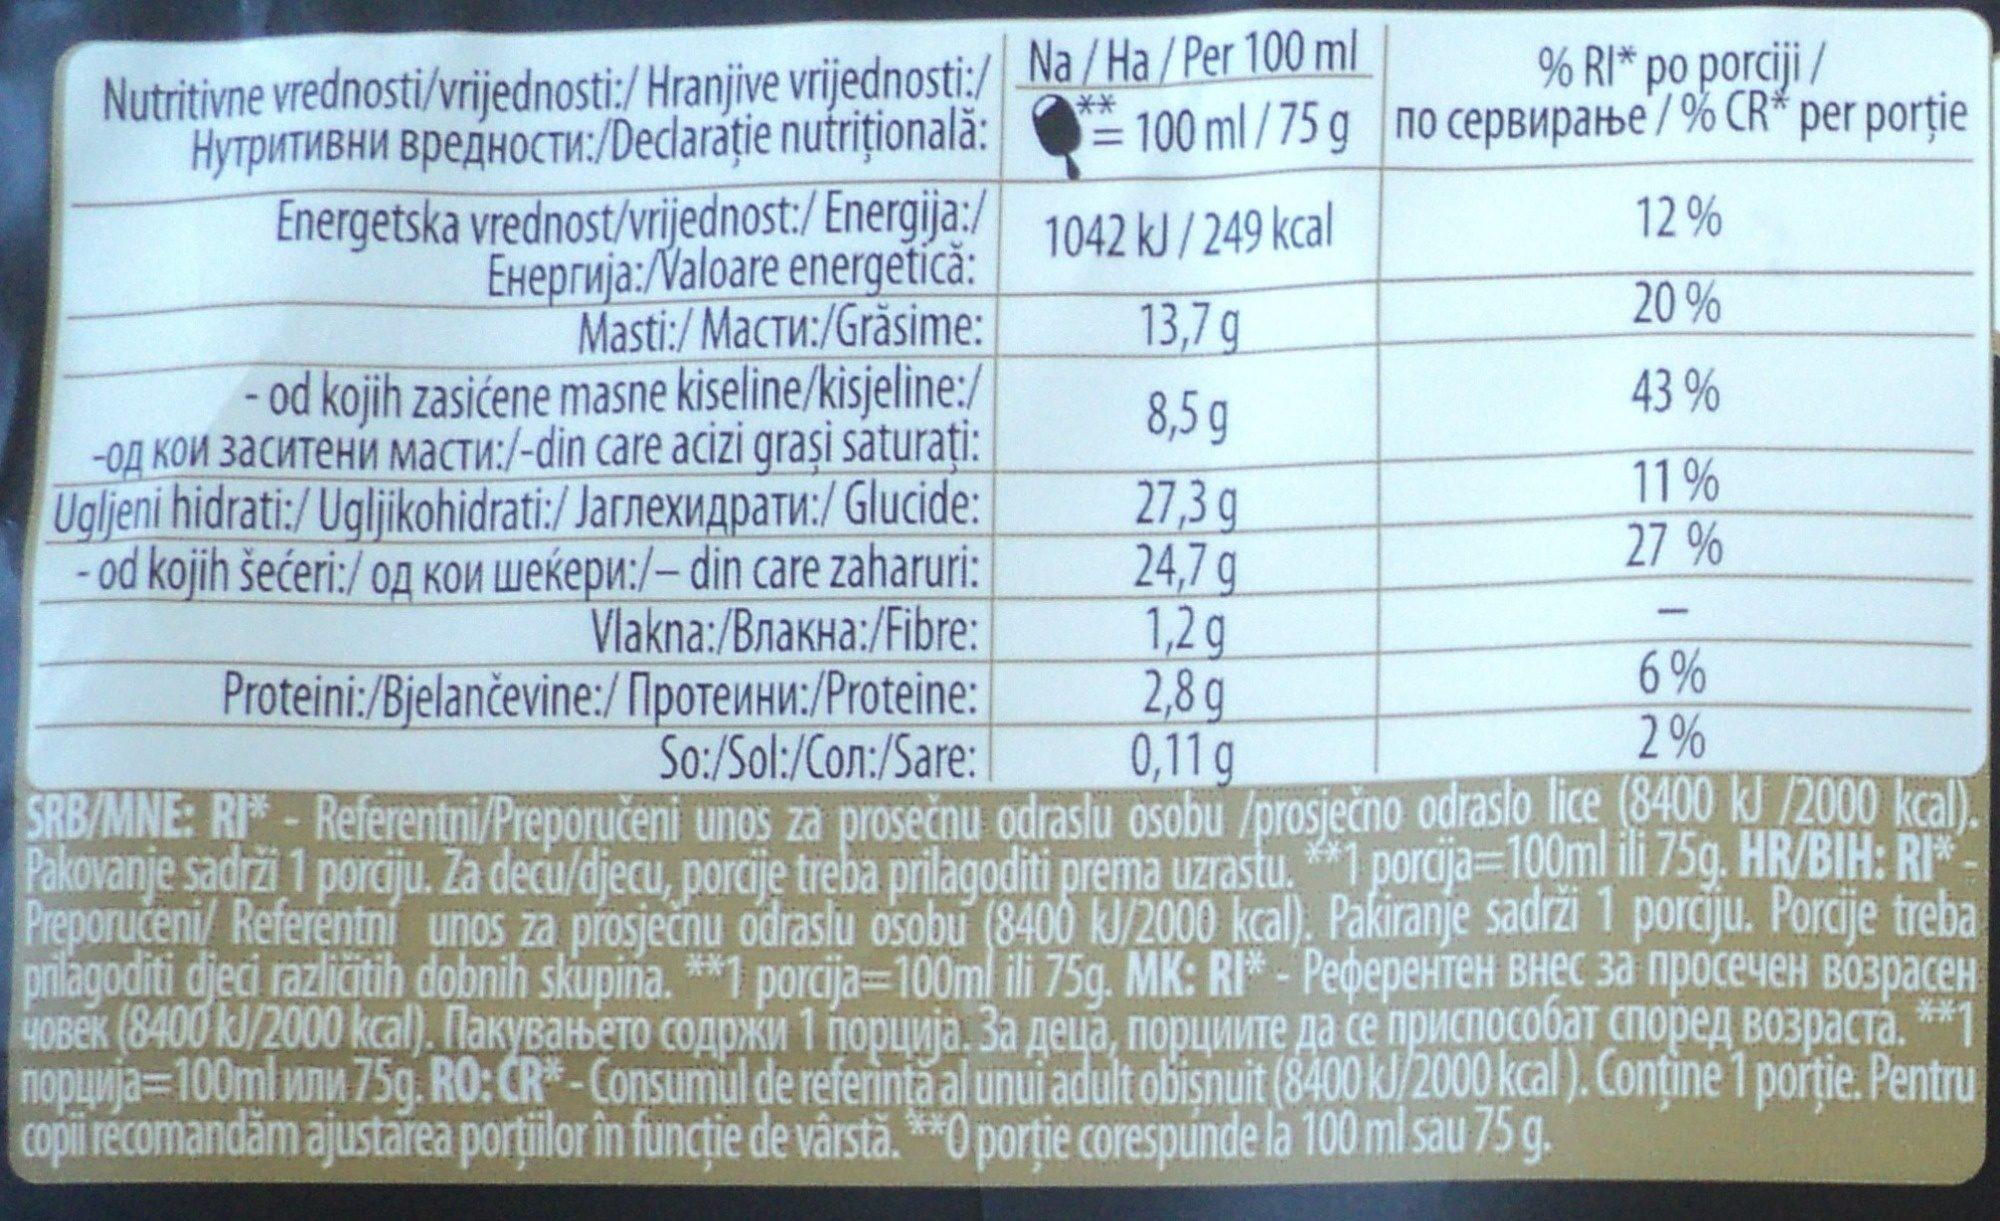 Înghețată cu aromă de ciocolată - Nutrition facts - ro